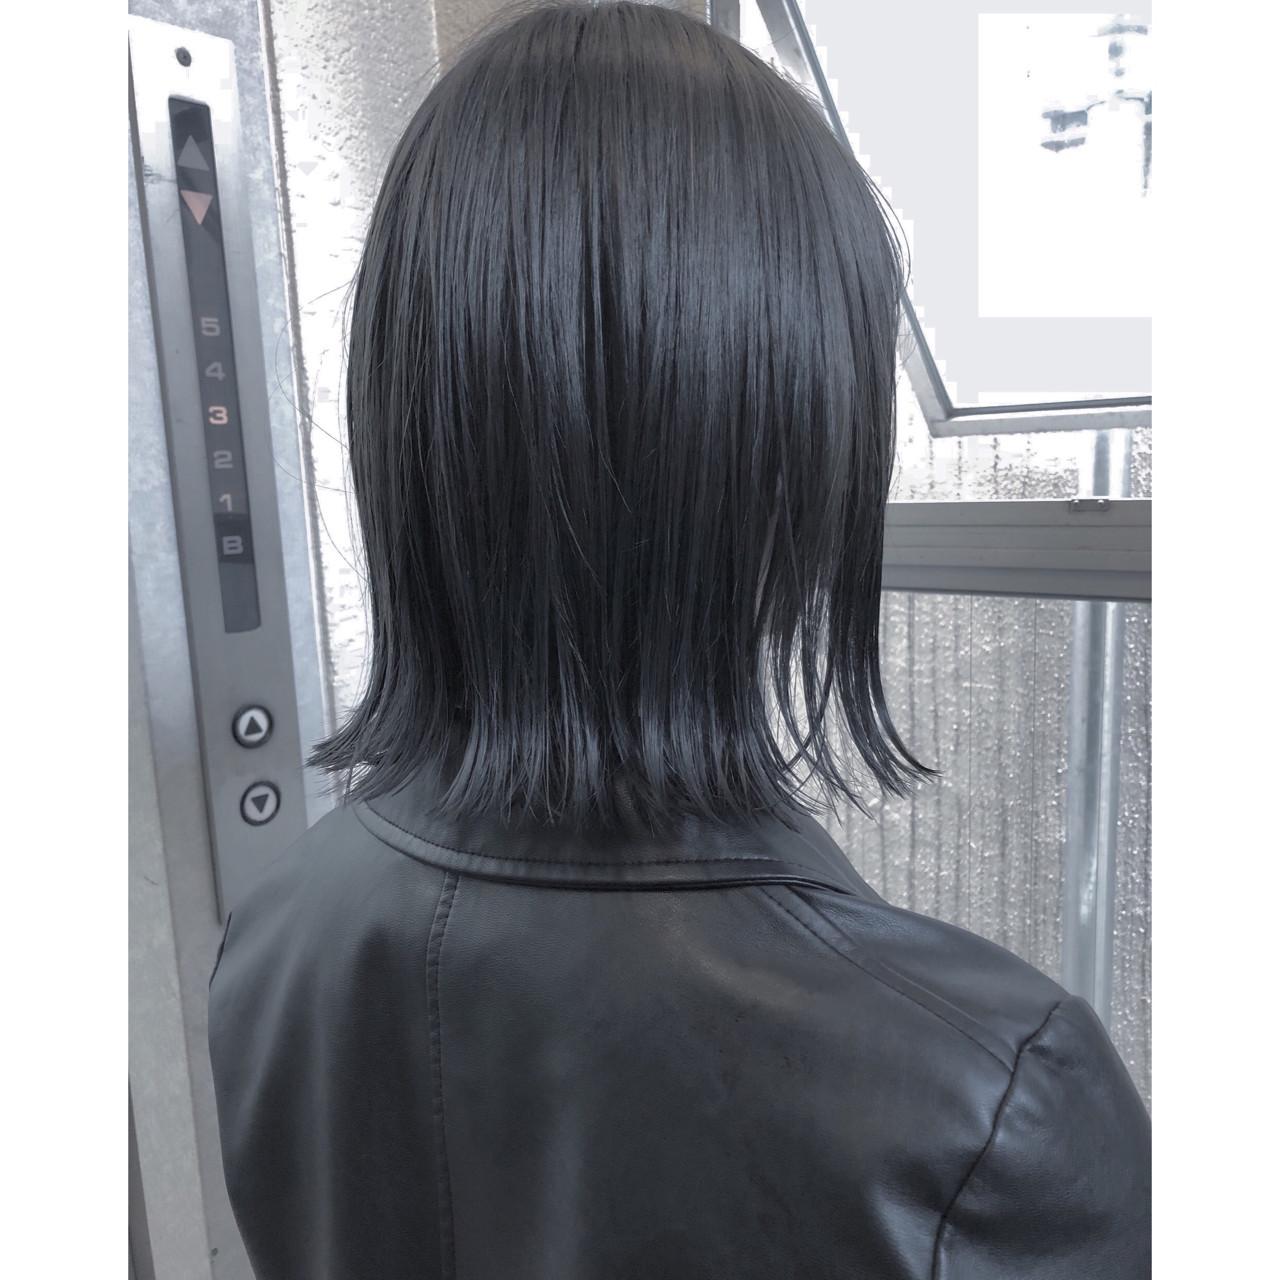 くせ毛の人はストレートパーマをかけてカット 鈴木さとる | Henri